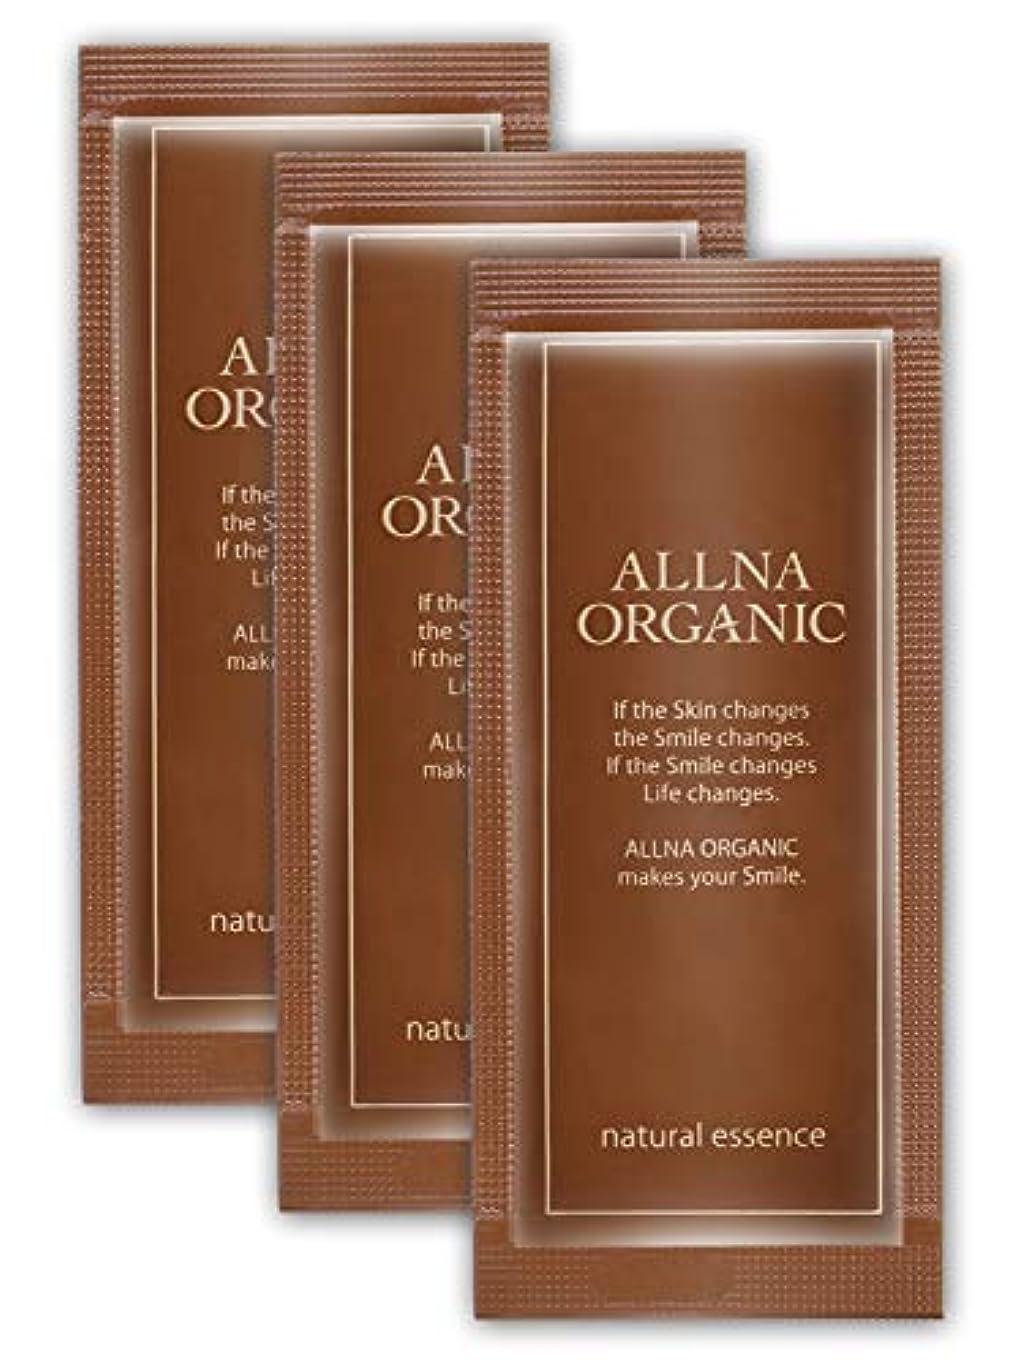 該当する値同情的オルナ オーガニック 美容液 サンプルパウチ「 くすみ 対策用 」「 コラーゲン 3種 + ヒアルロン酸 4種 + ビタミンC 4種 + セラミド 配合」 3ml ×3